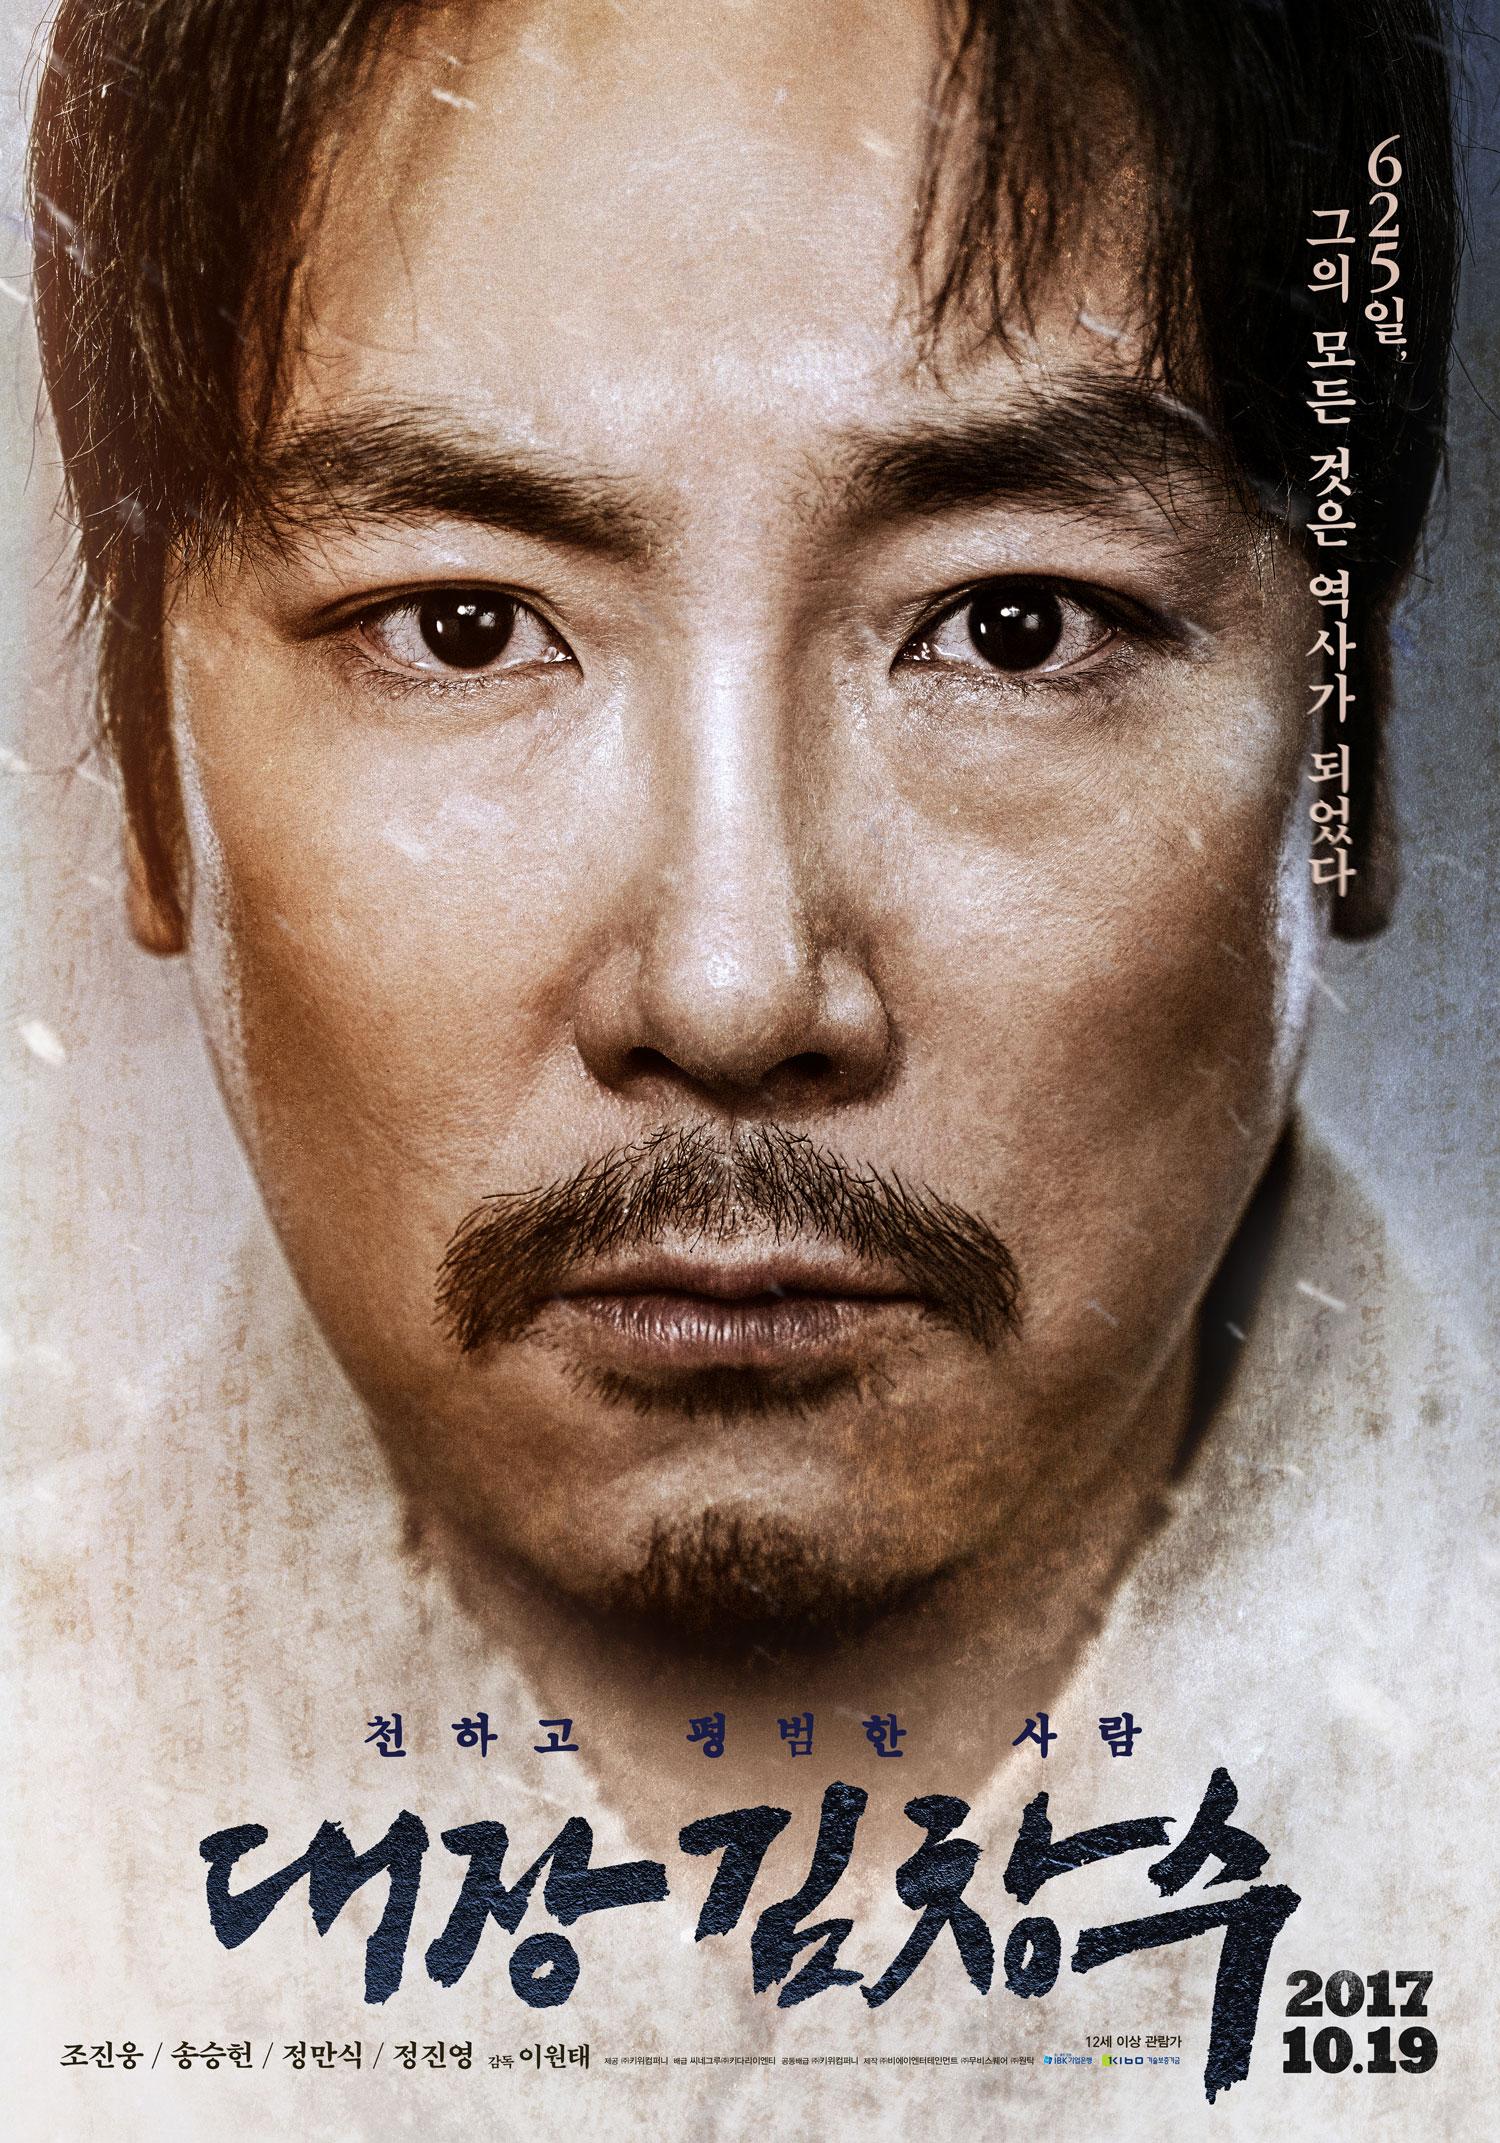 대장 김창수 포스터